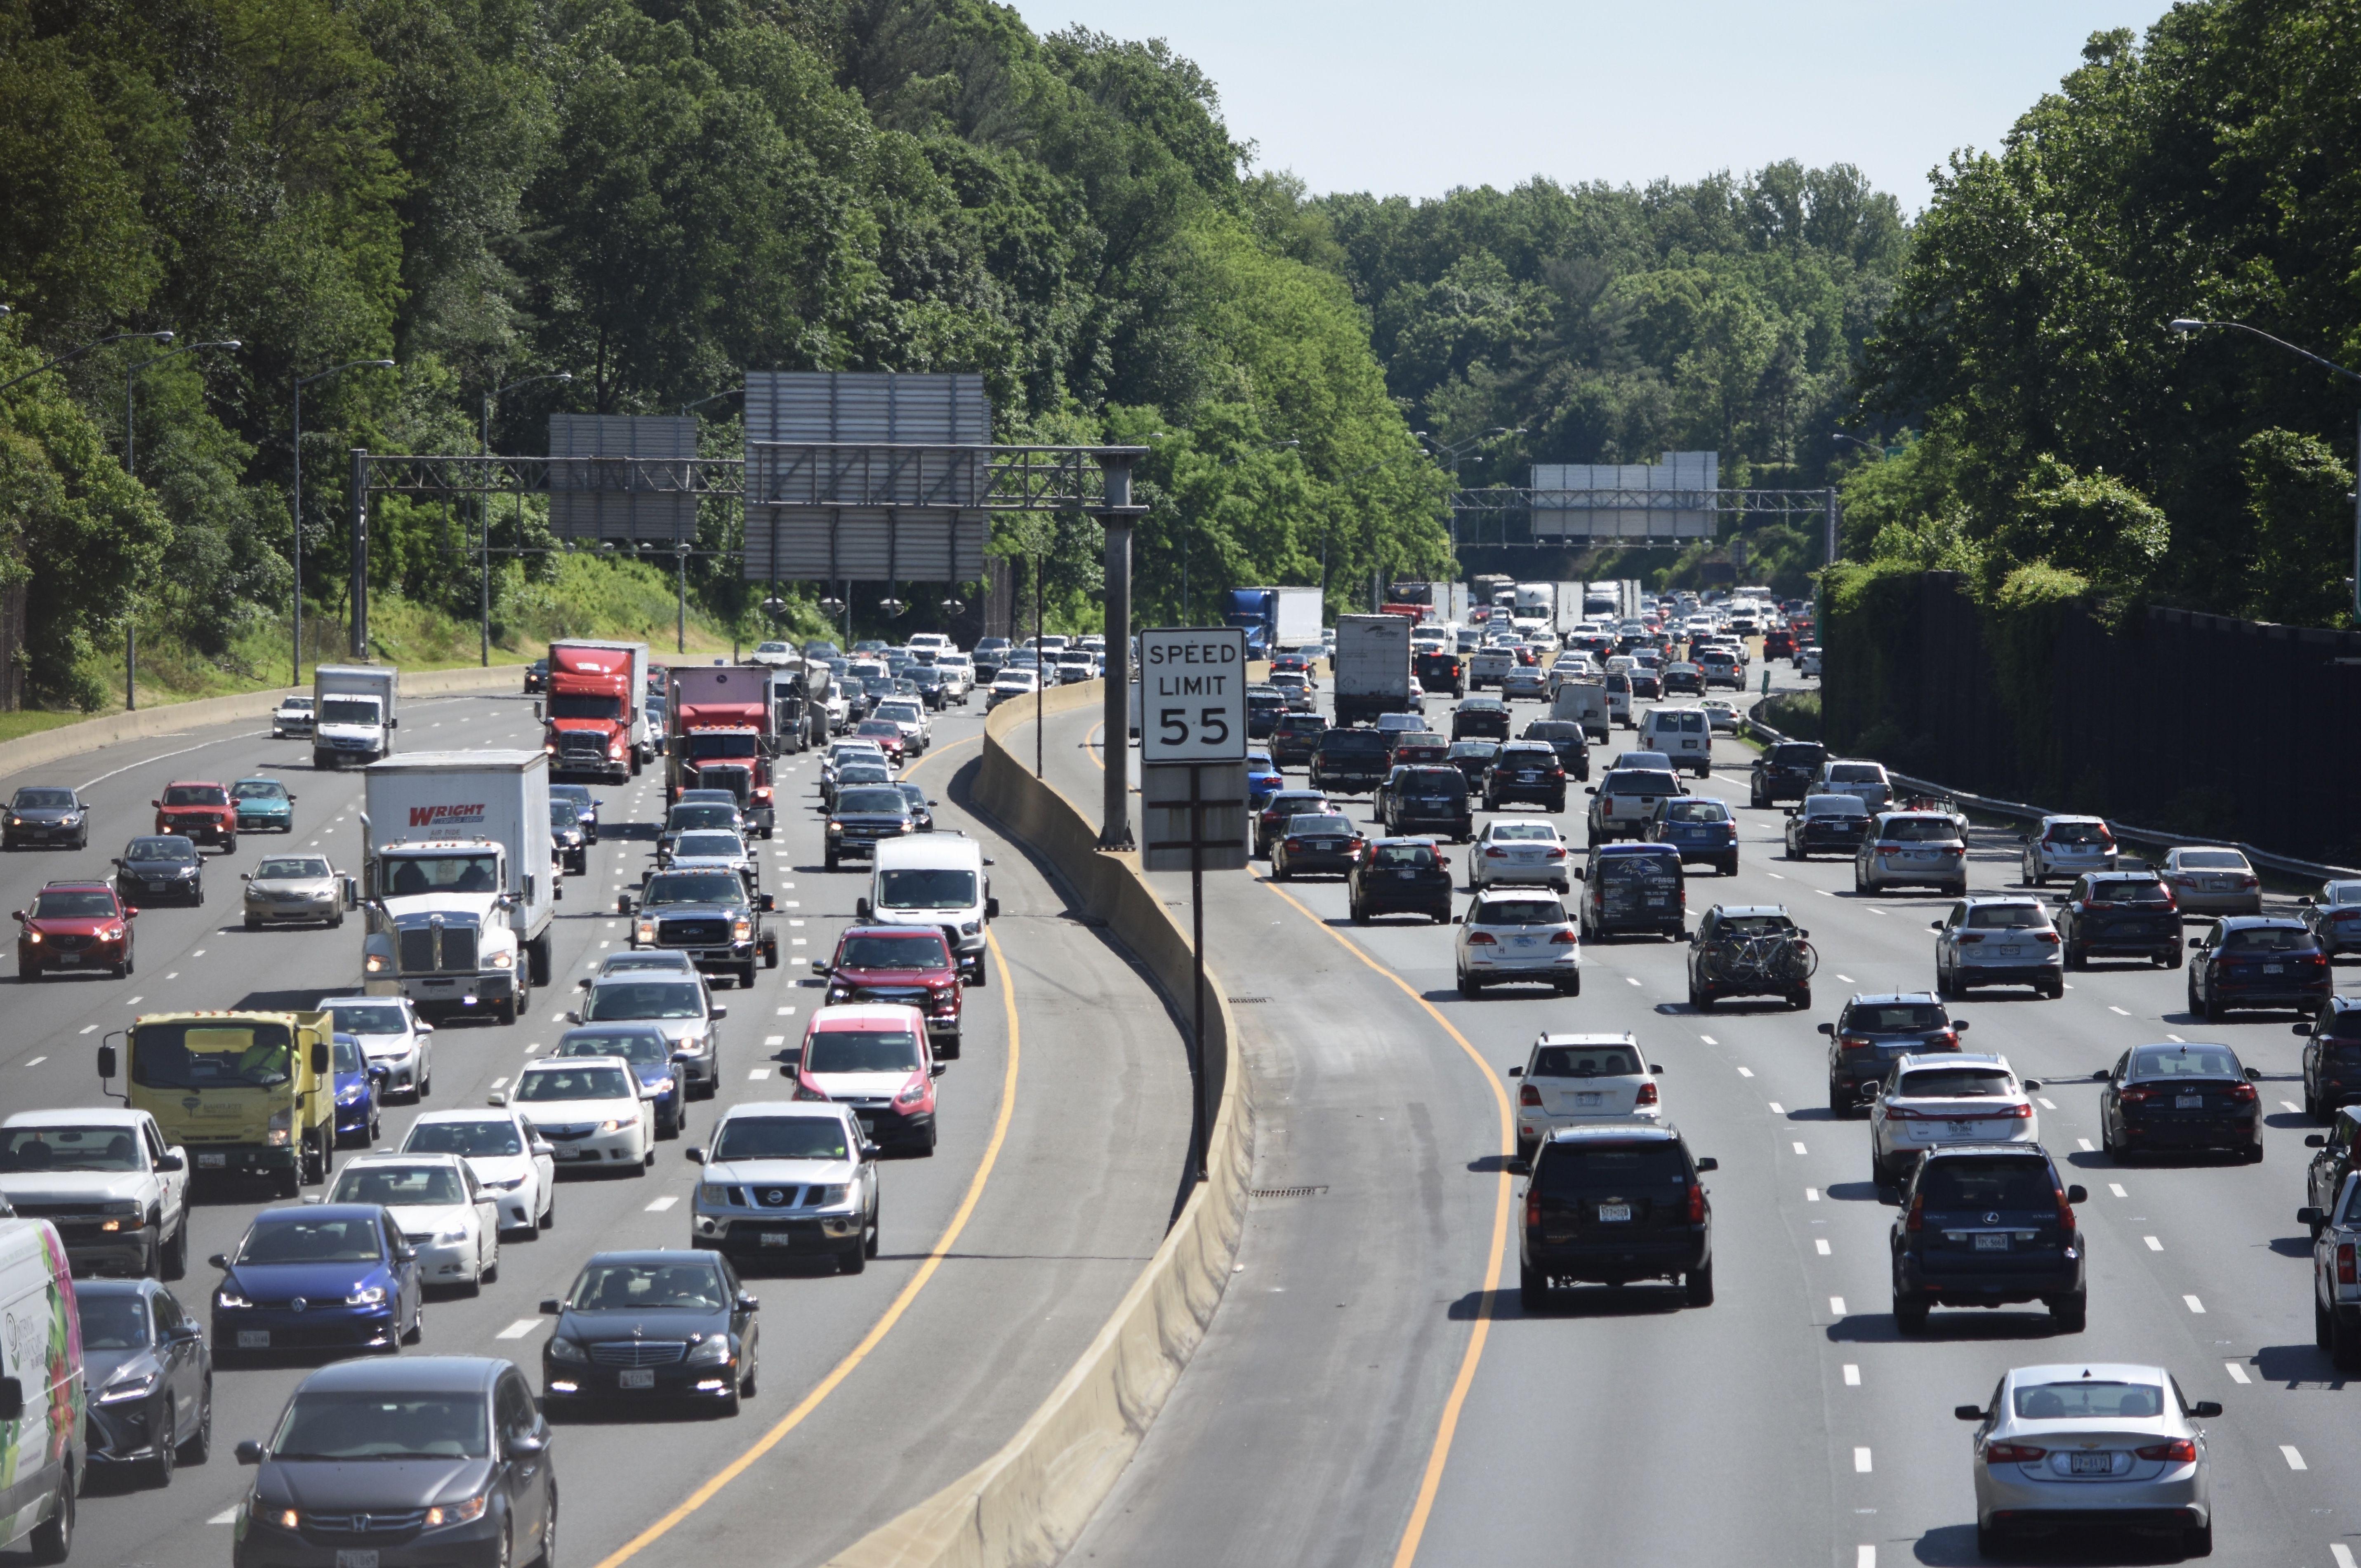 Several major road closures this weekend, plus Metro work | WTOP